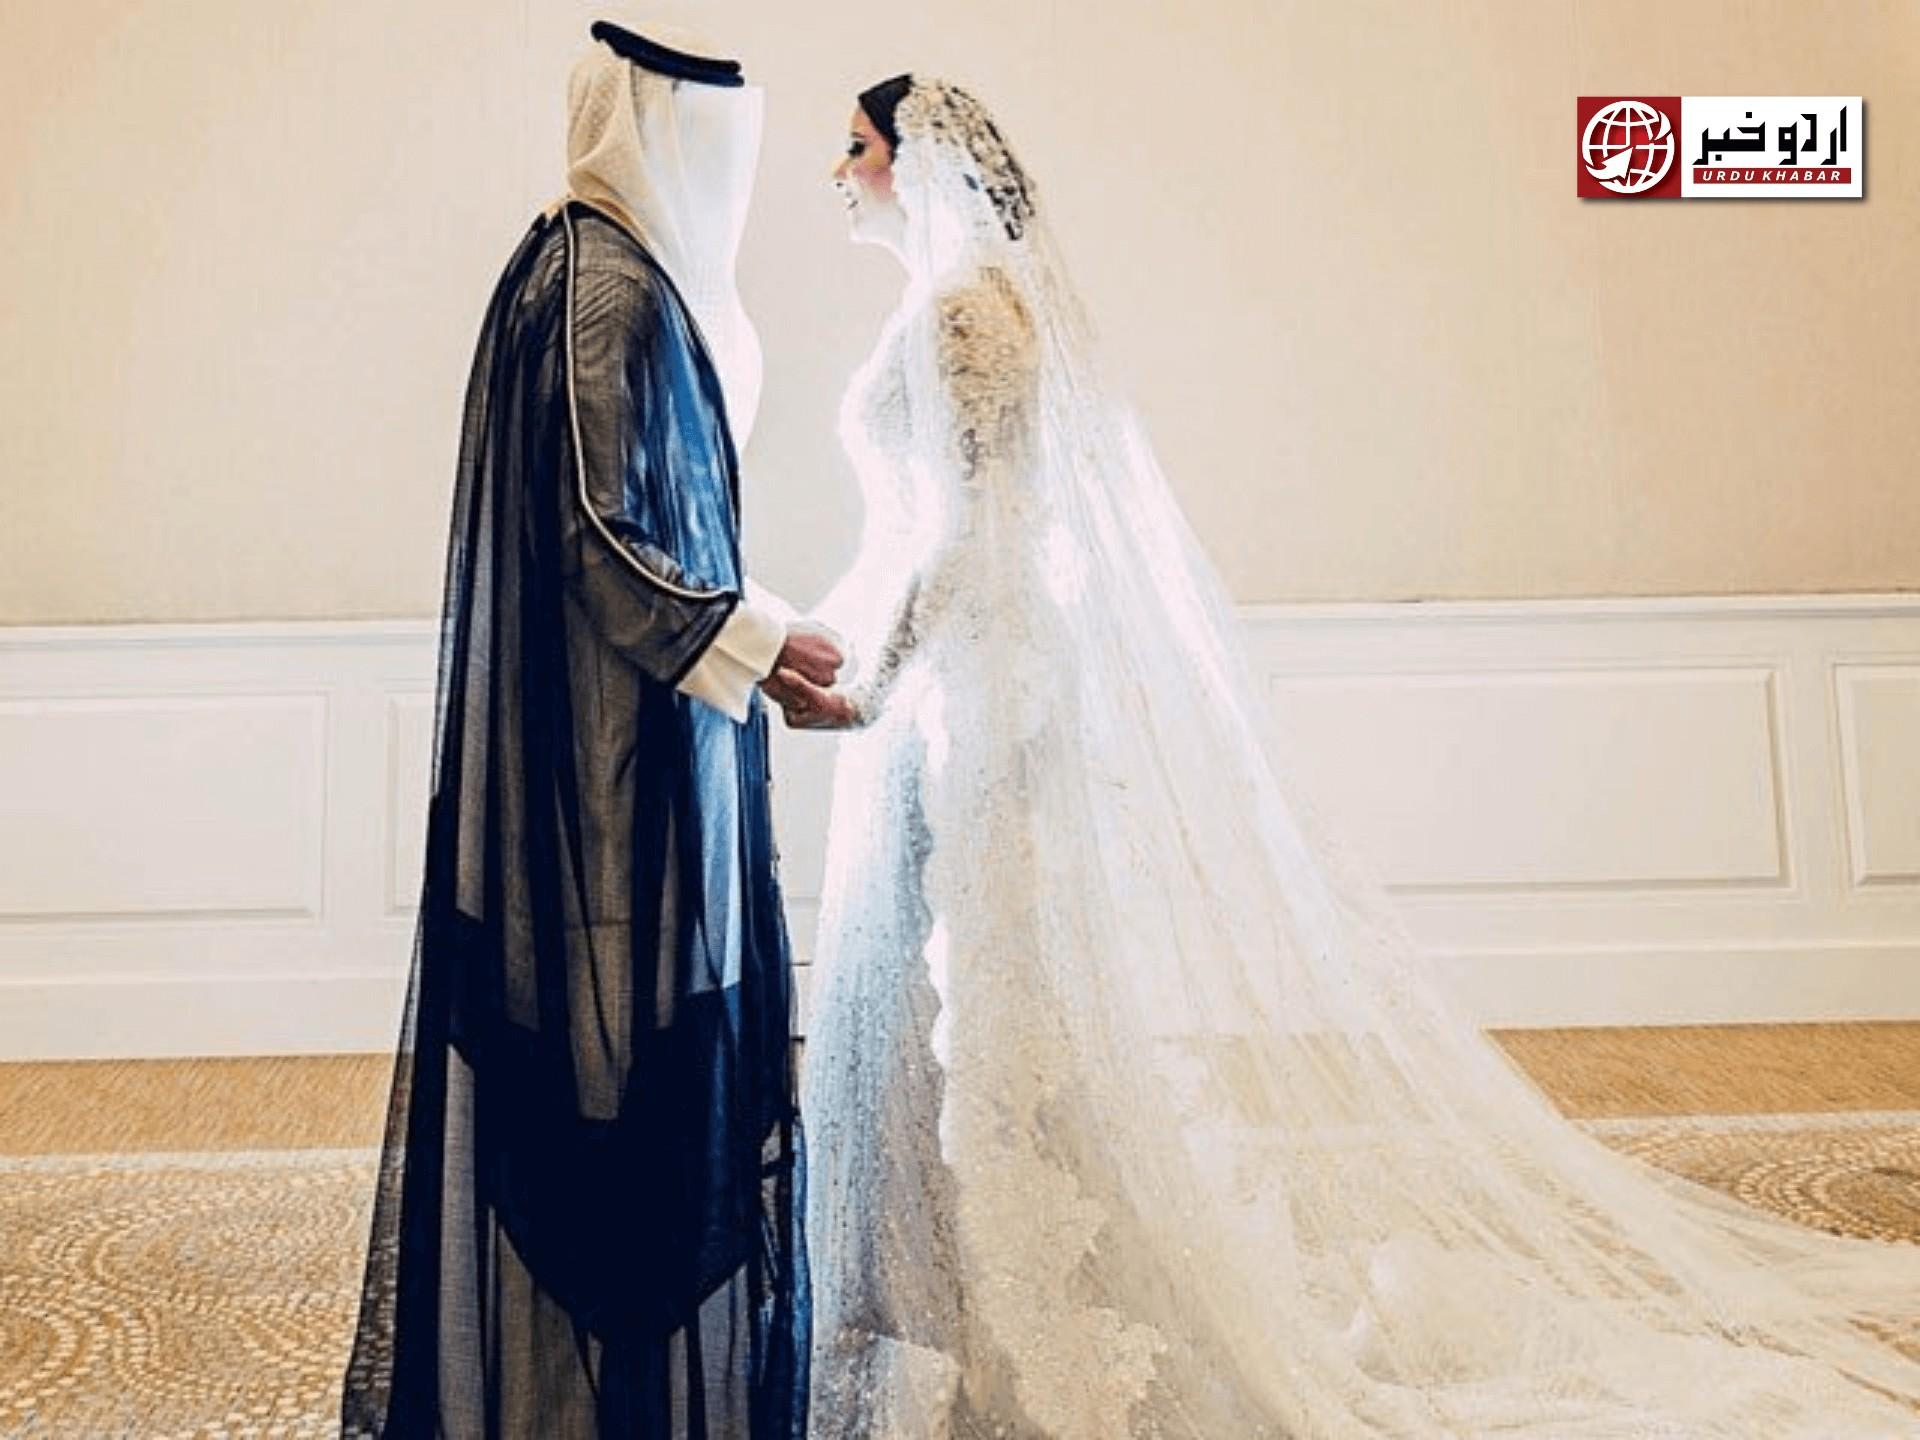 سعودی عرب میں زوم پر شادی